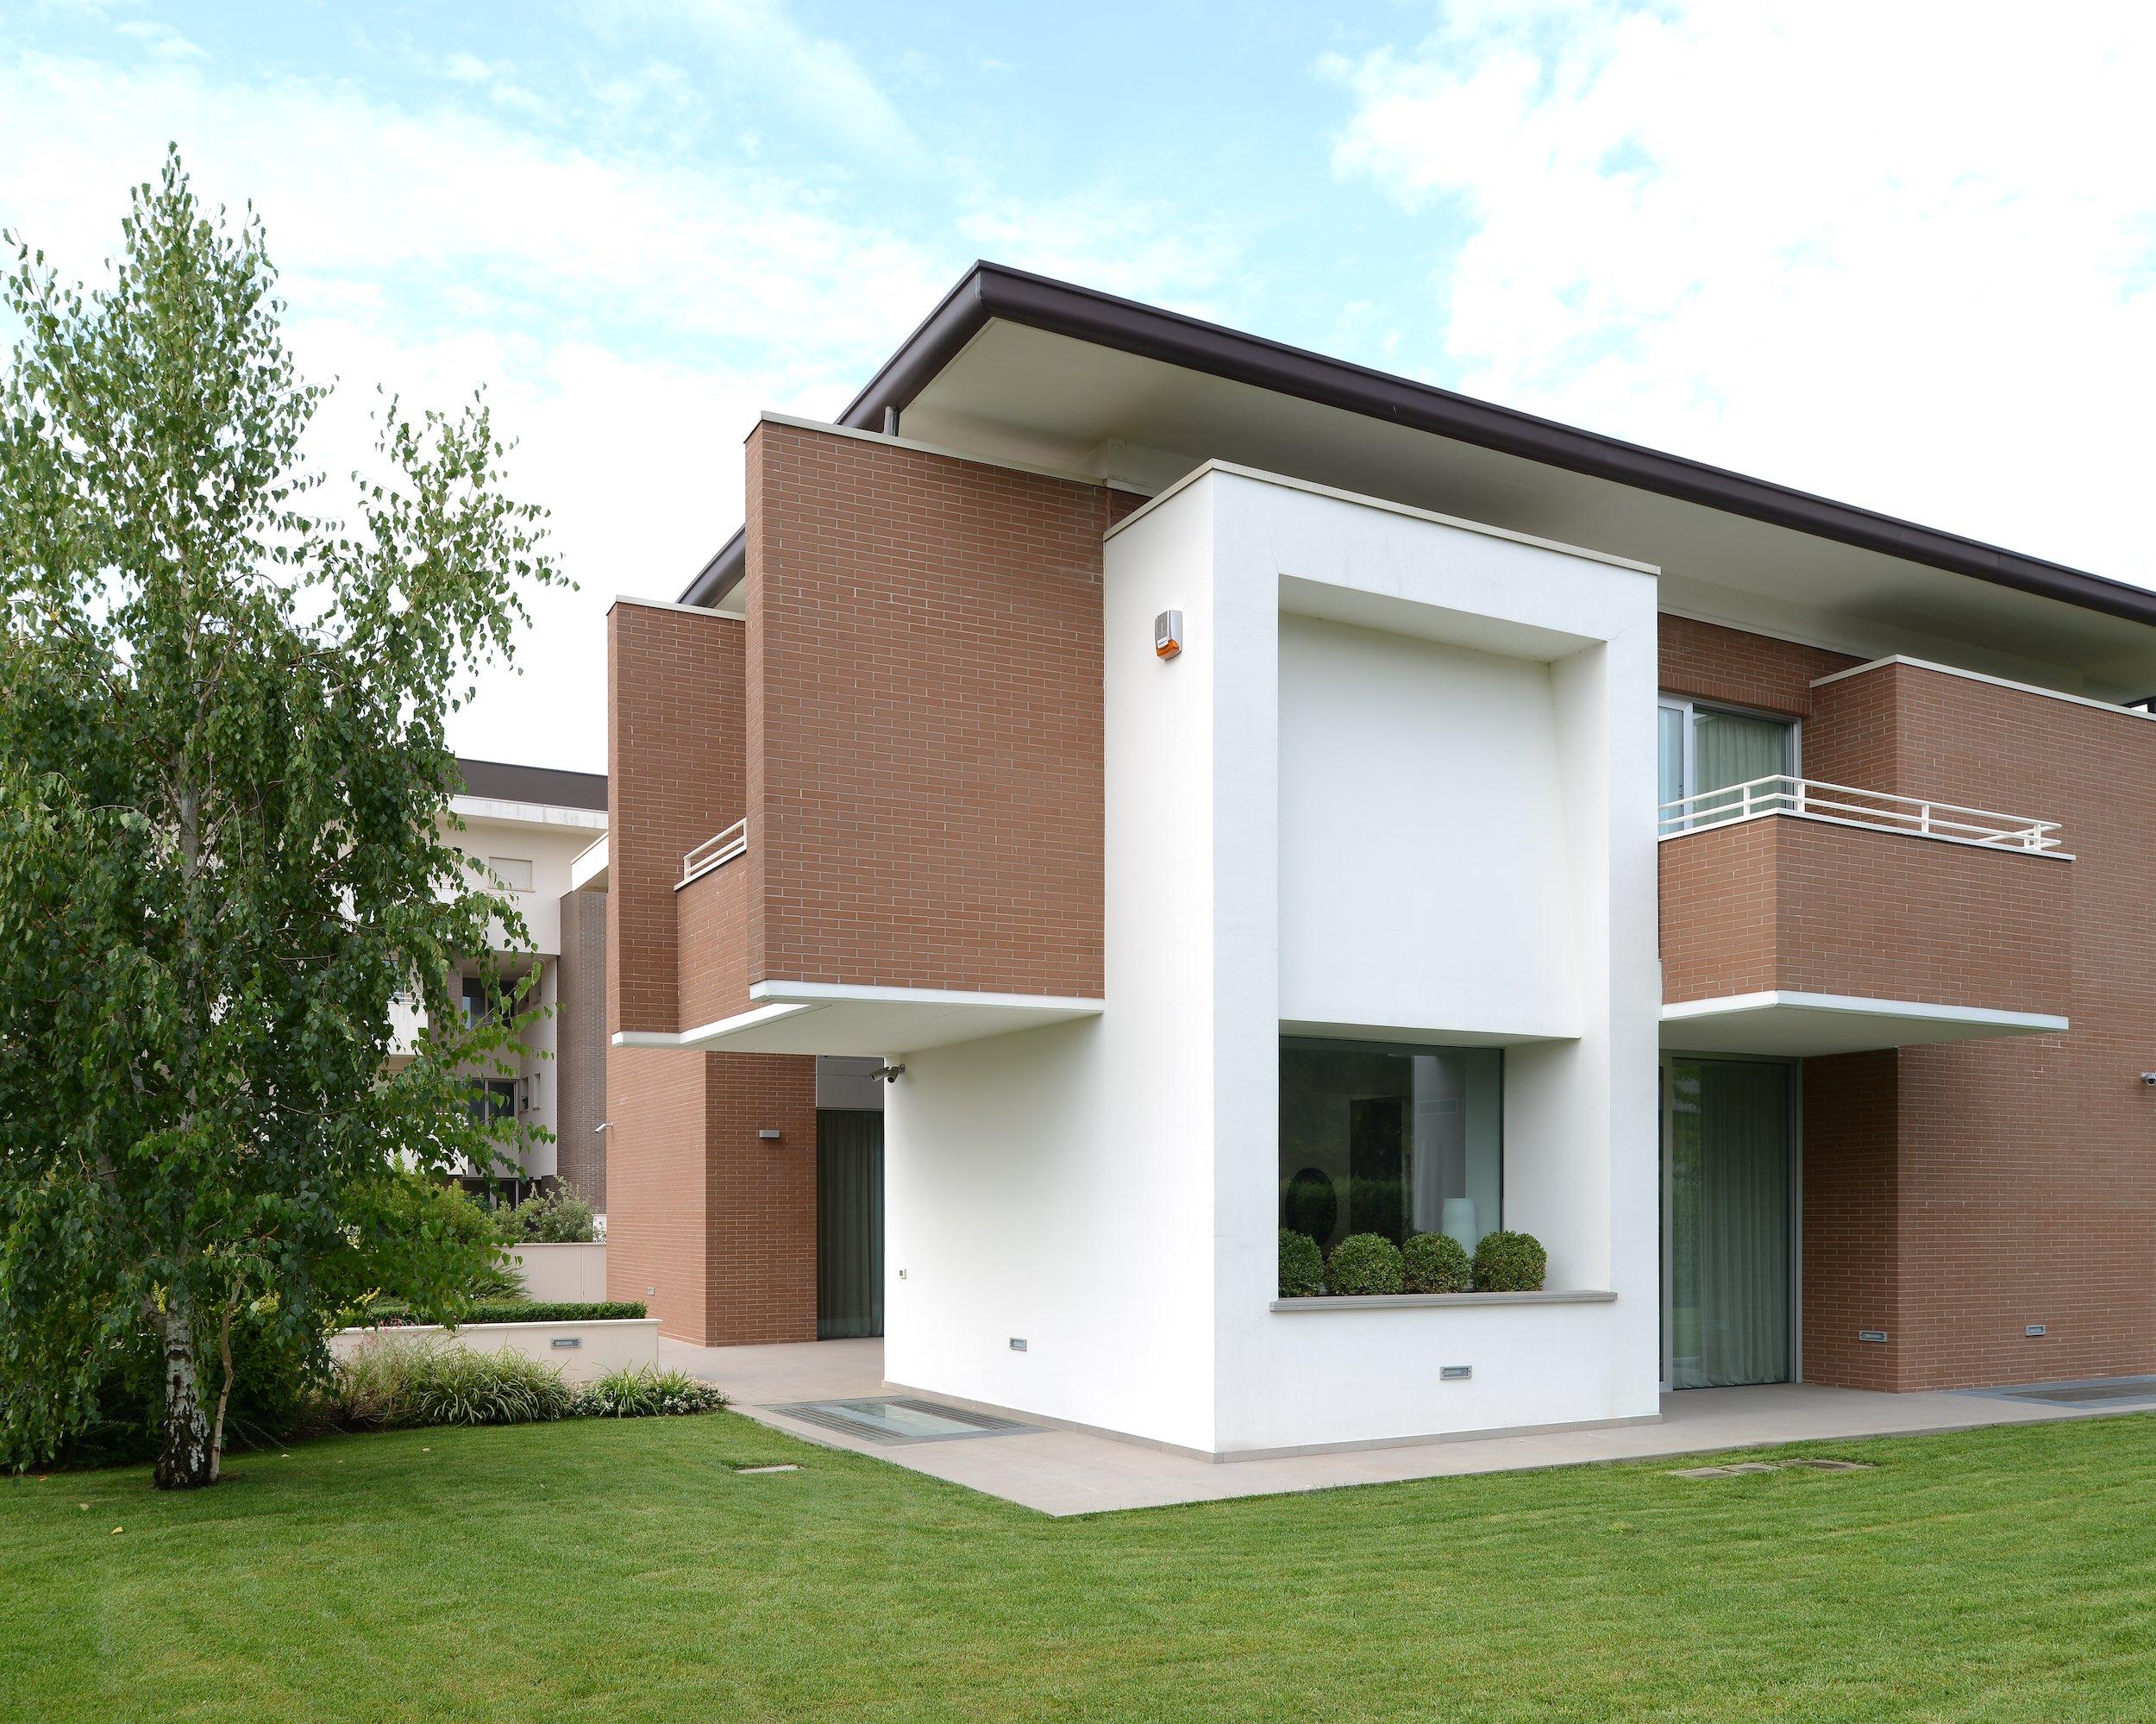 6647 Studio Bacchi Architetti Tura